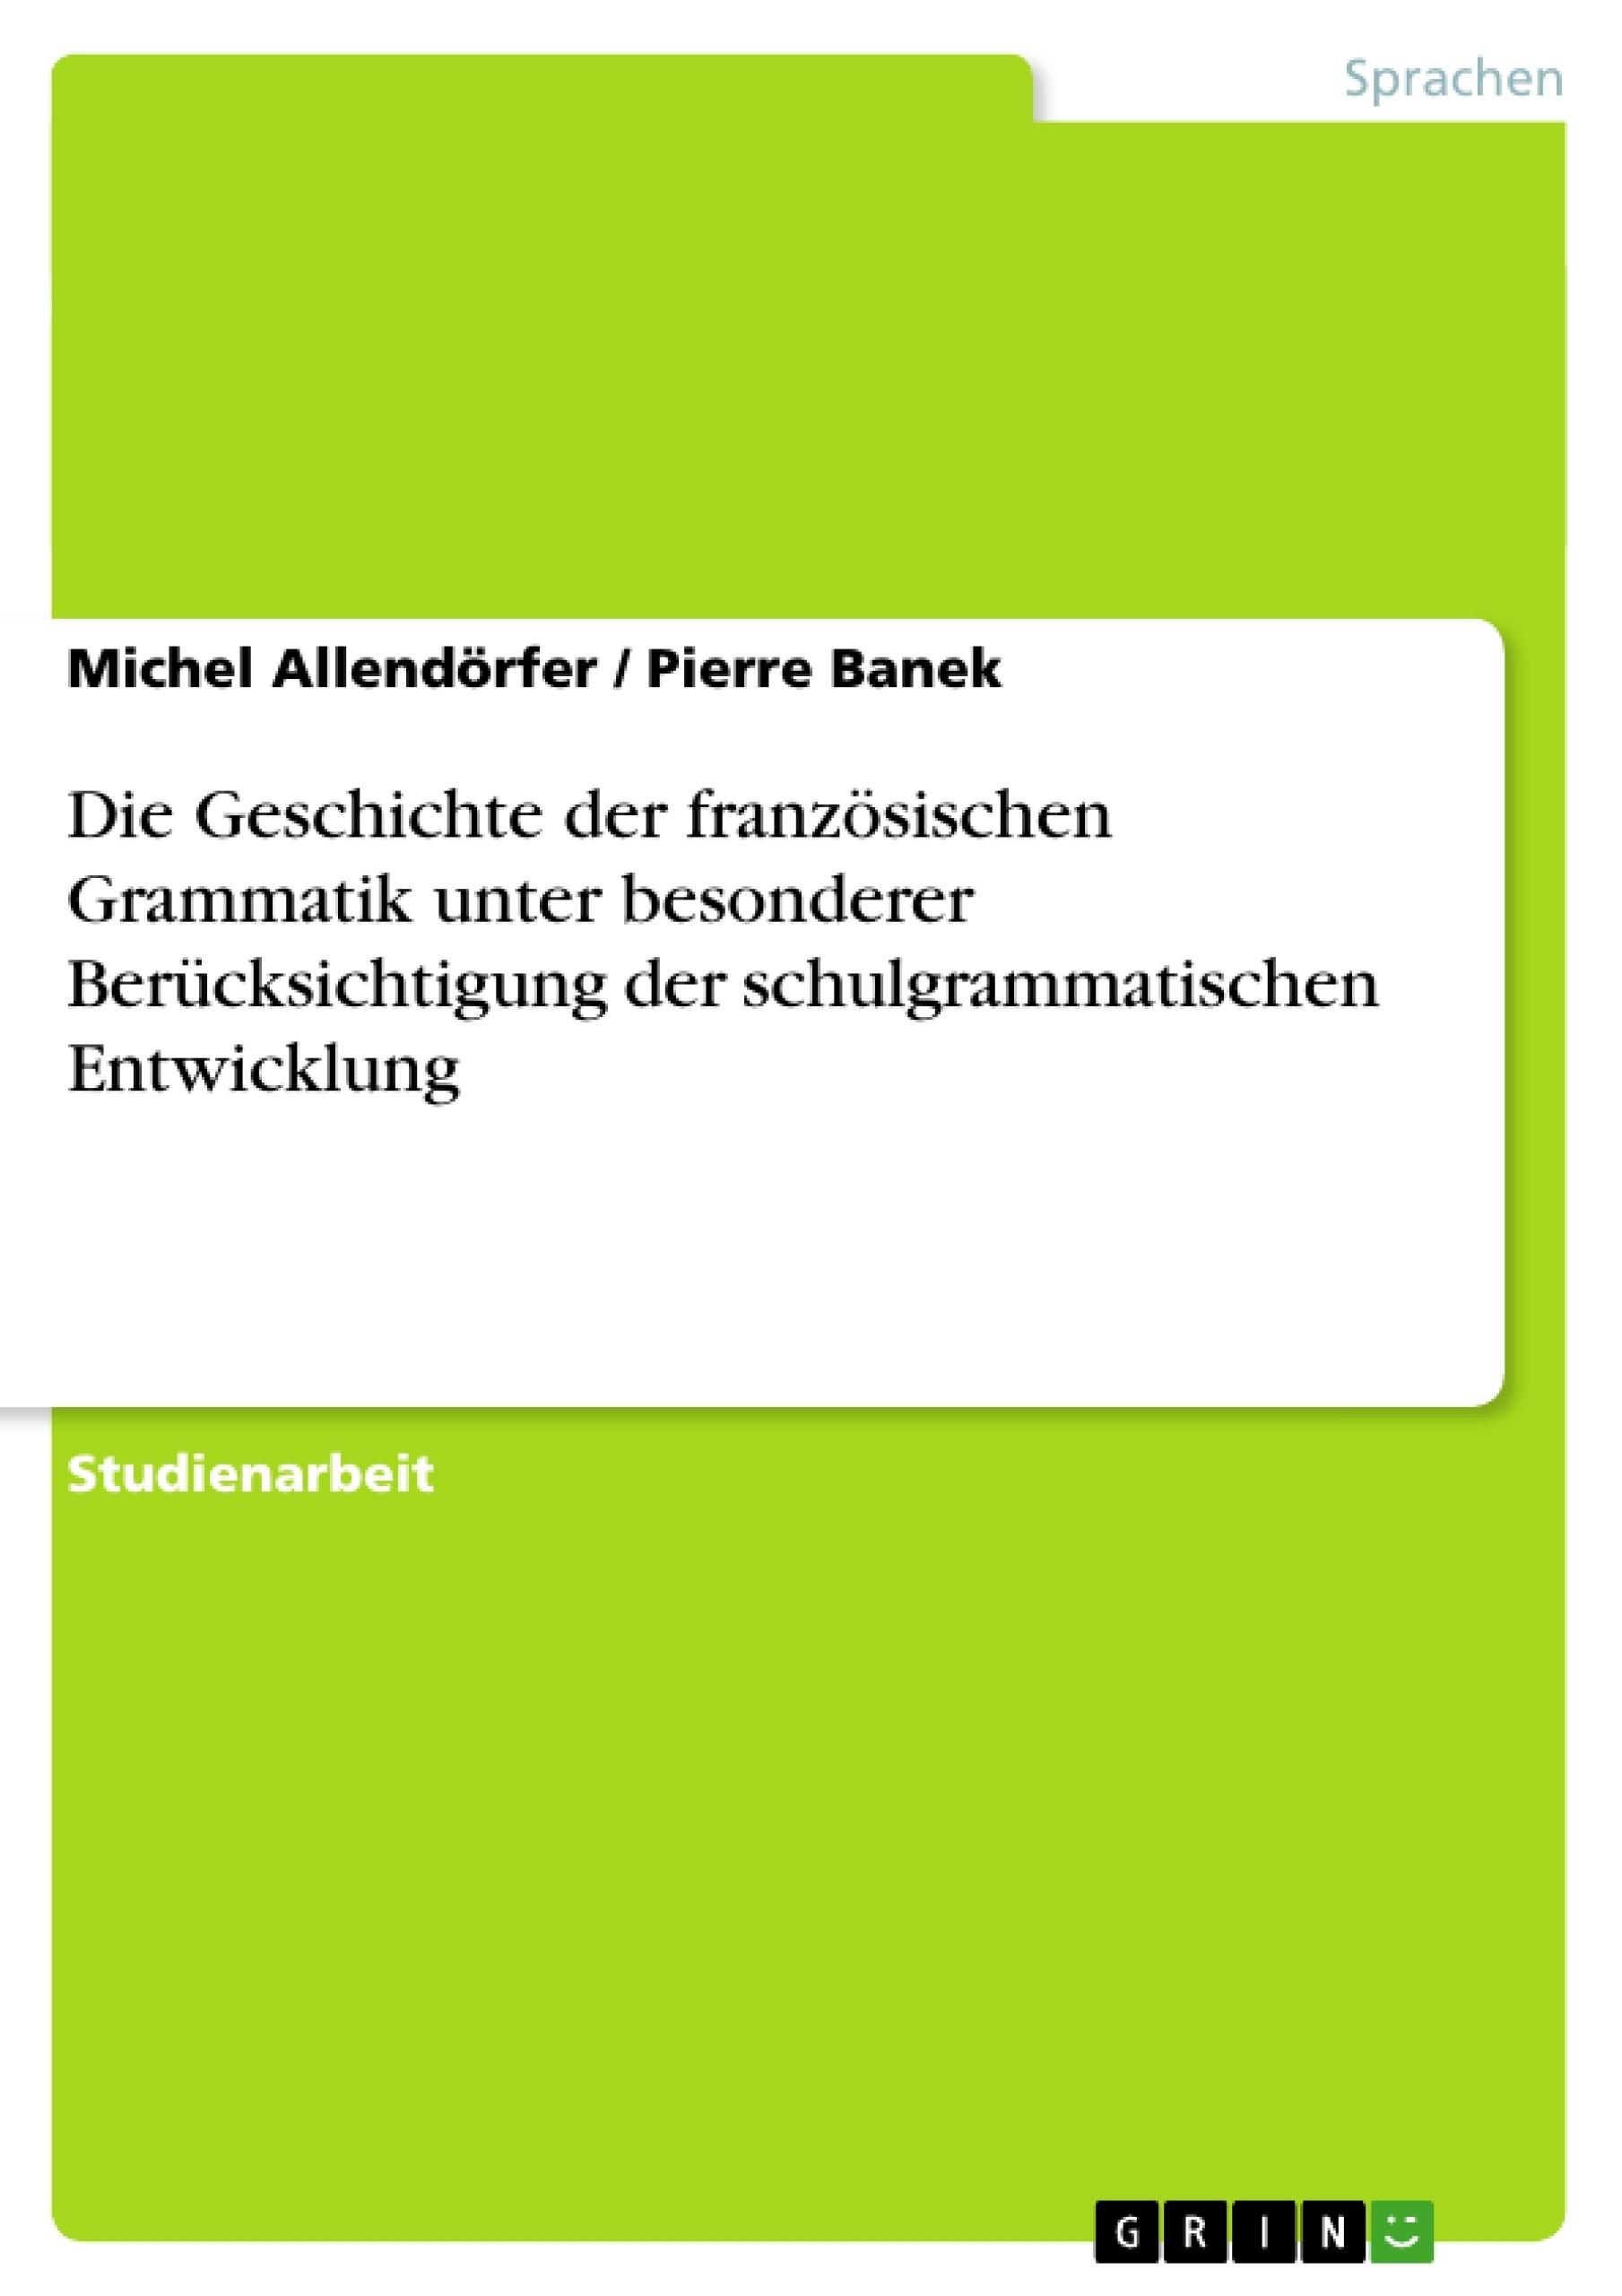 Titel: Die Geschichte der französischen Grammatik unter besonderer Berücksichtigung der schulgrammatischen Entwicklung